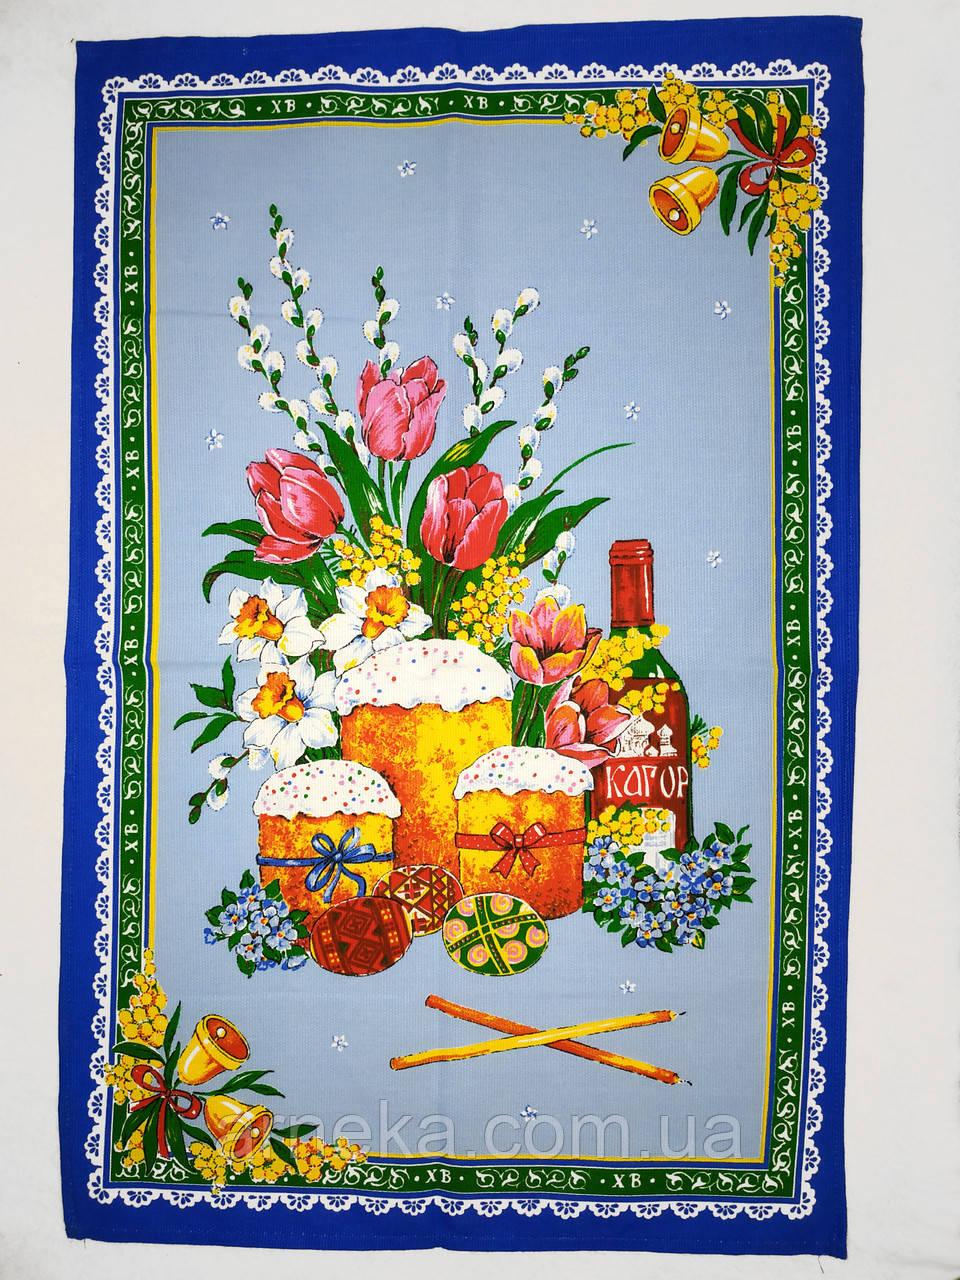 Полотенце пасхальное 48*75, лен, Тирасполь